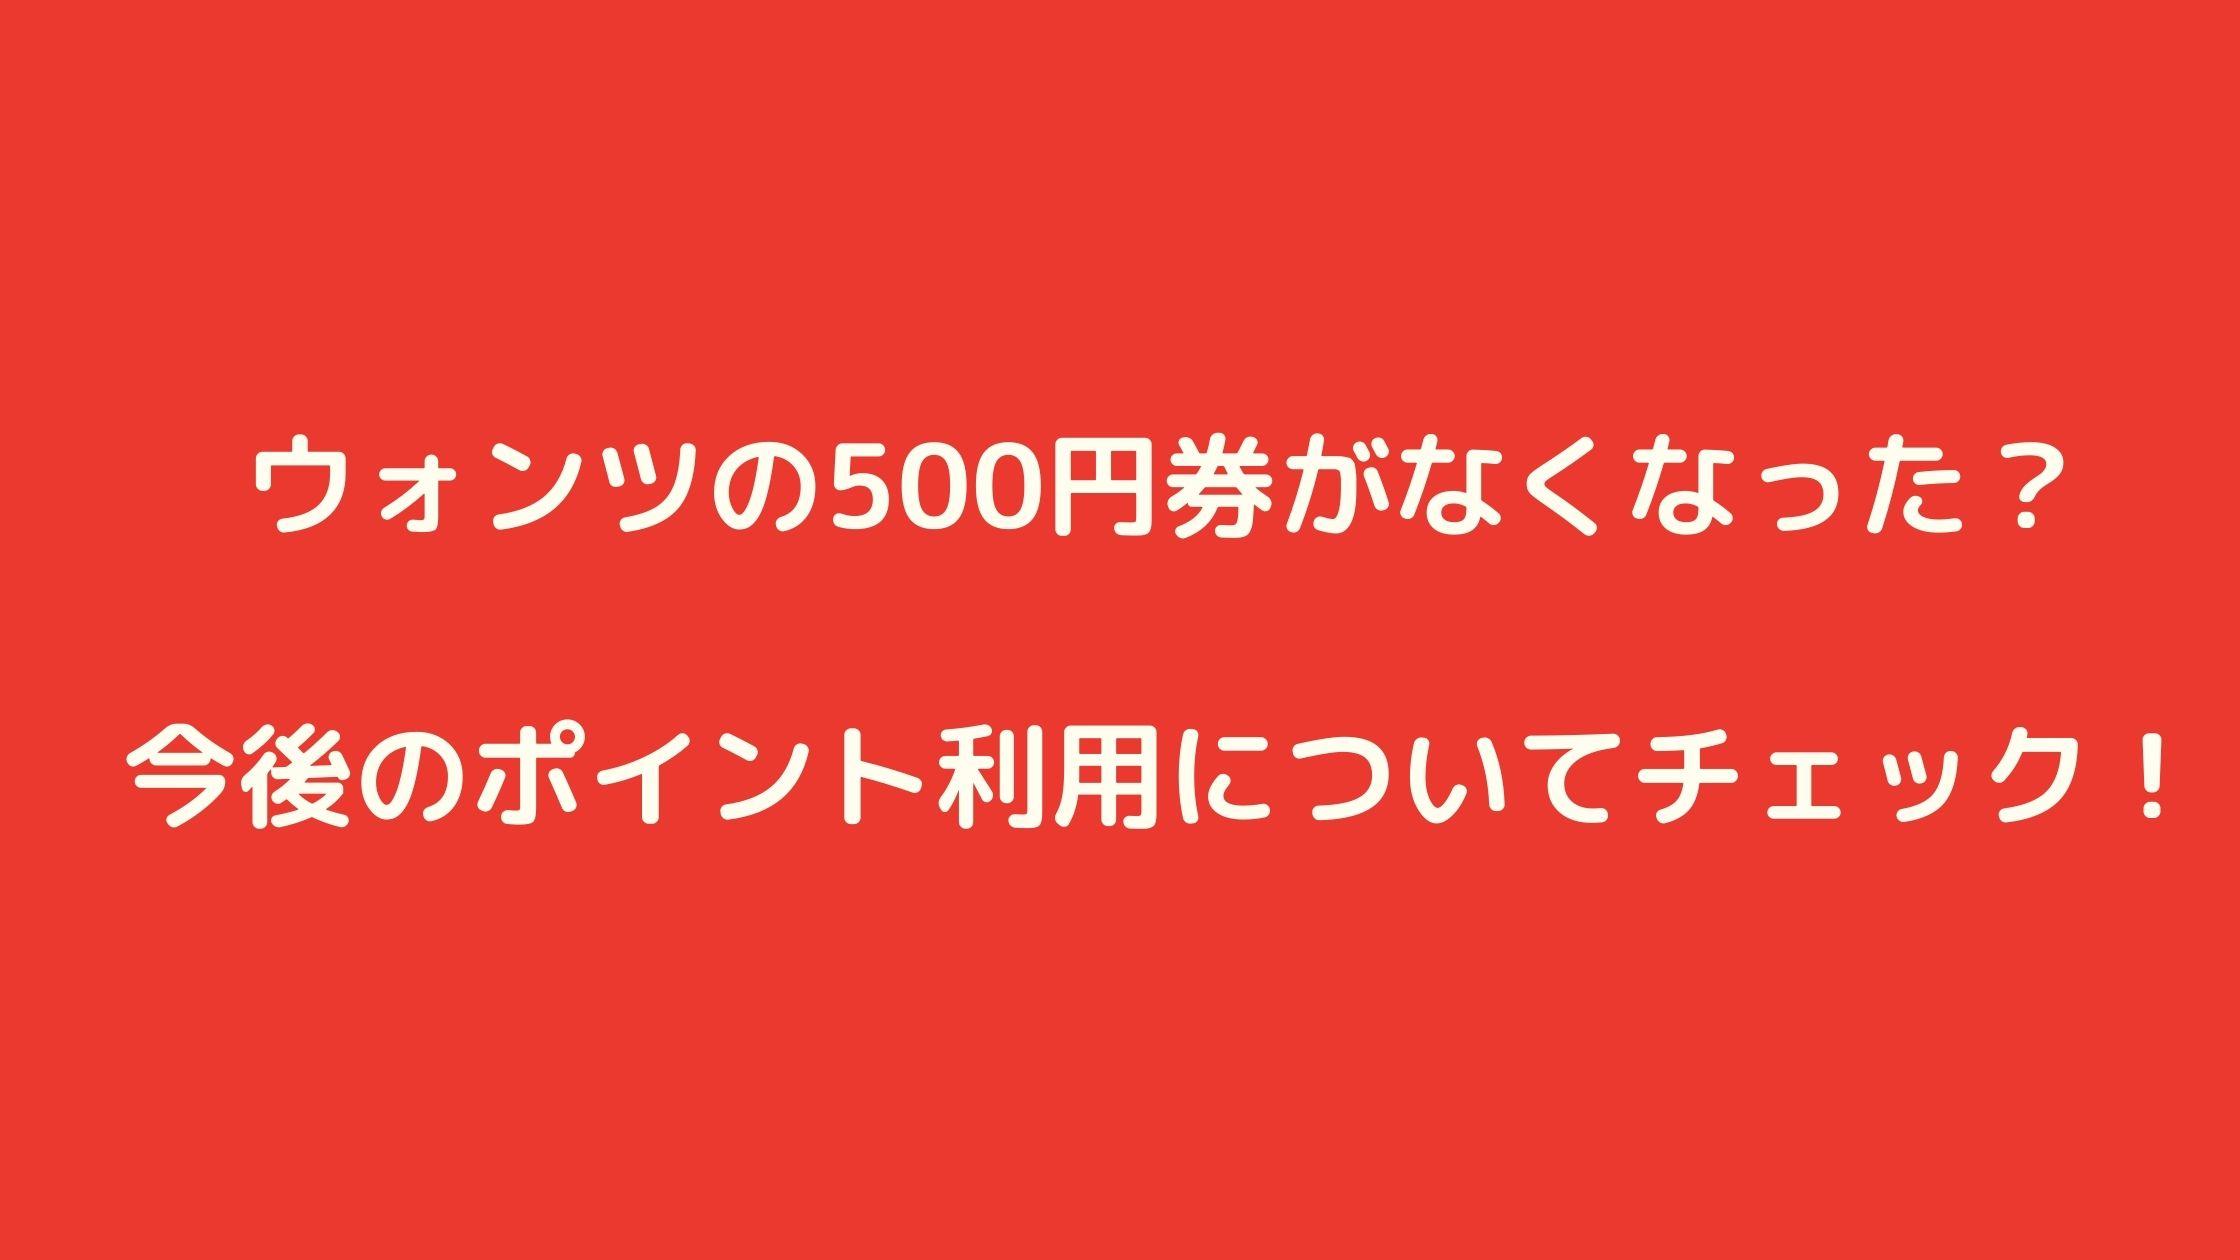 ウォンツの500円券がなくなった?今後のポイント利用についてチェック!